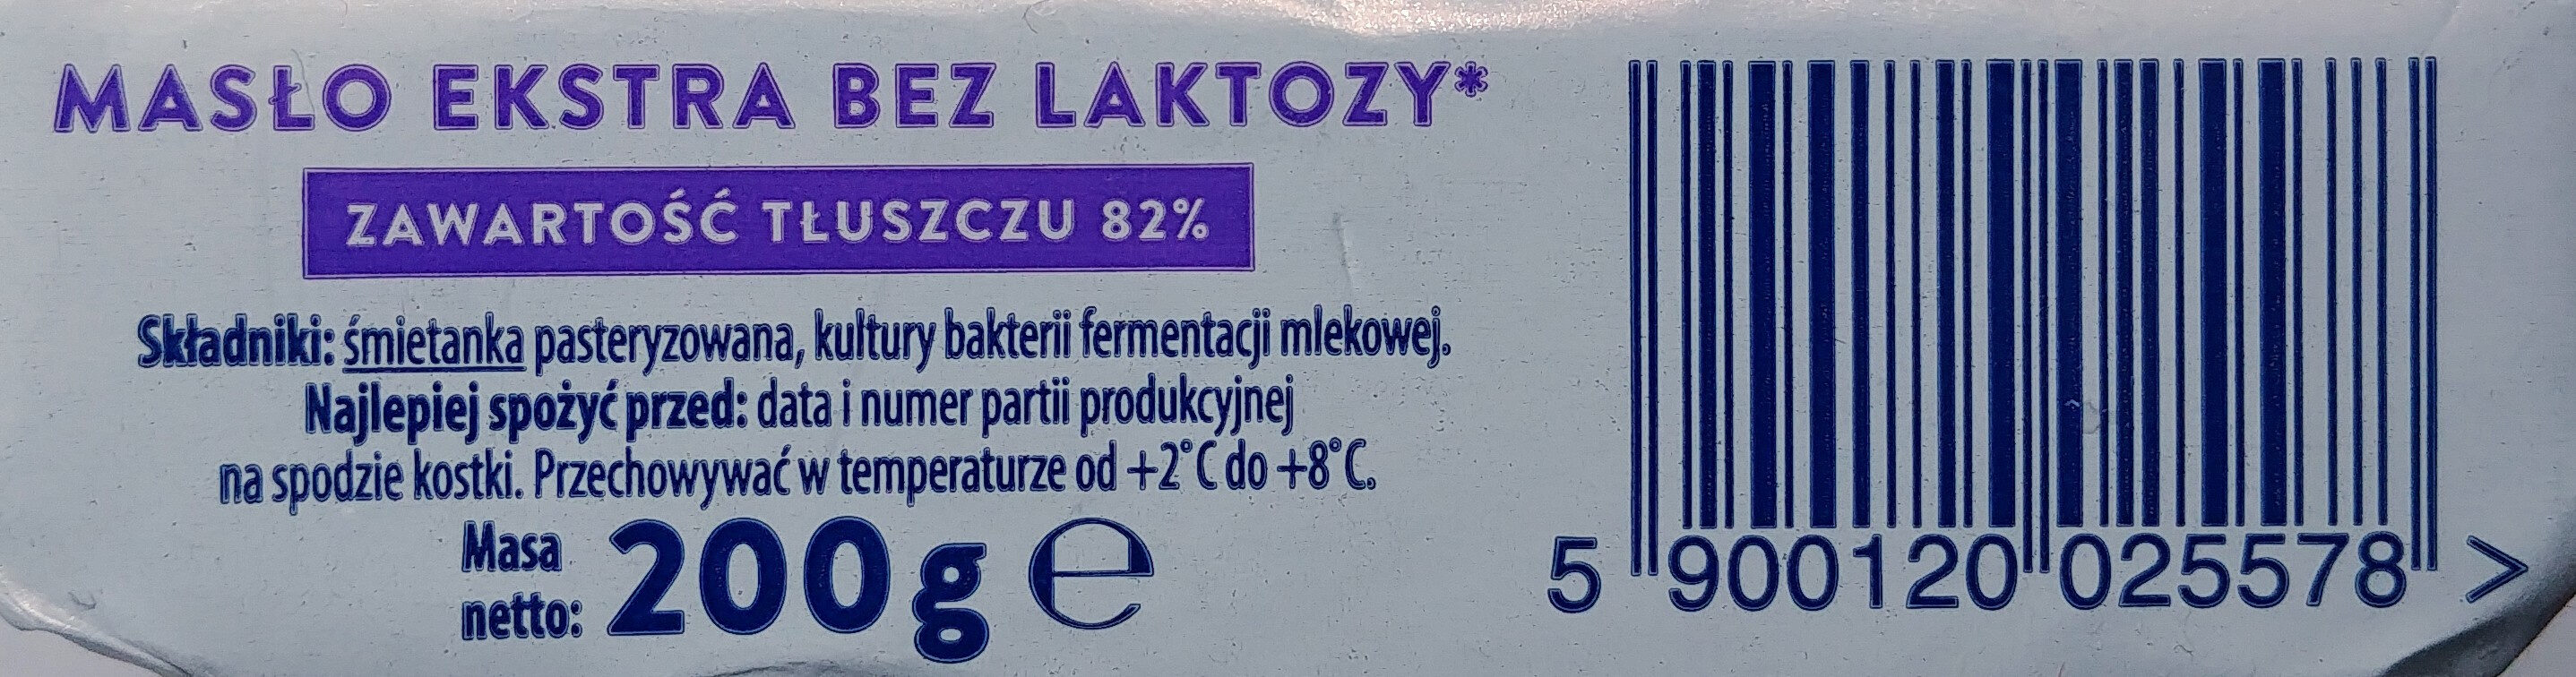 Masło ekstra bez laktozy - Składniki